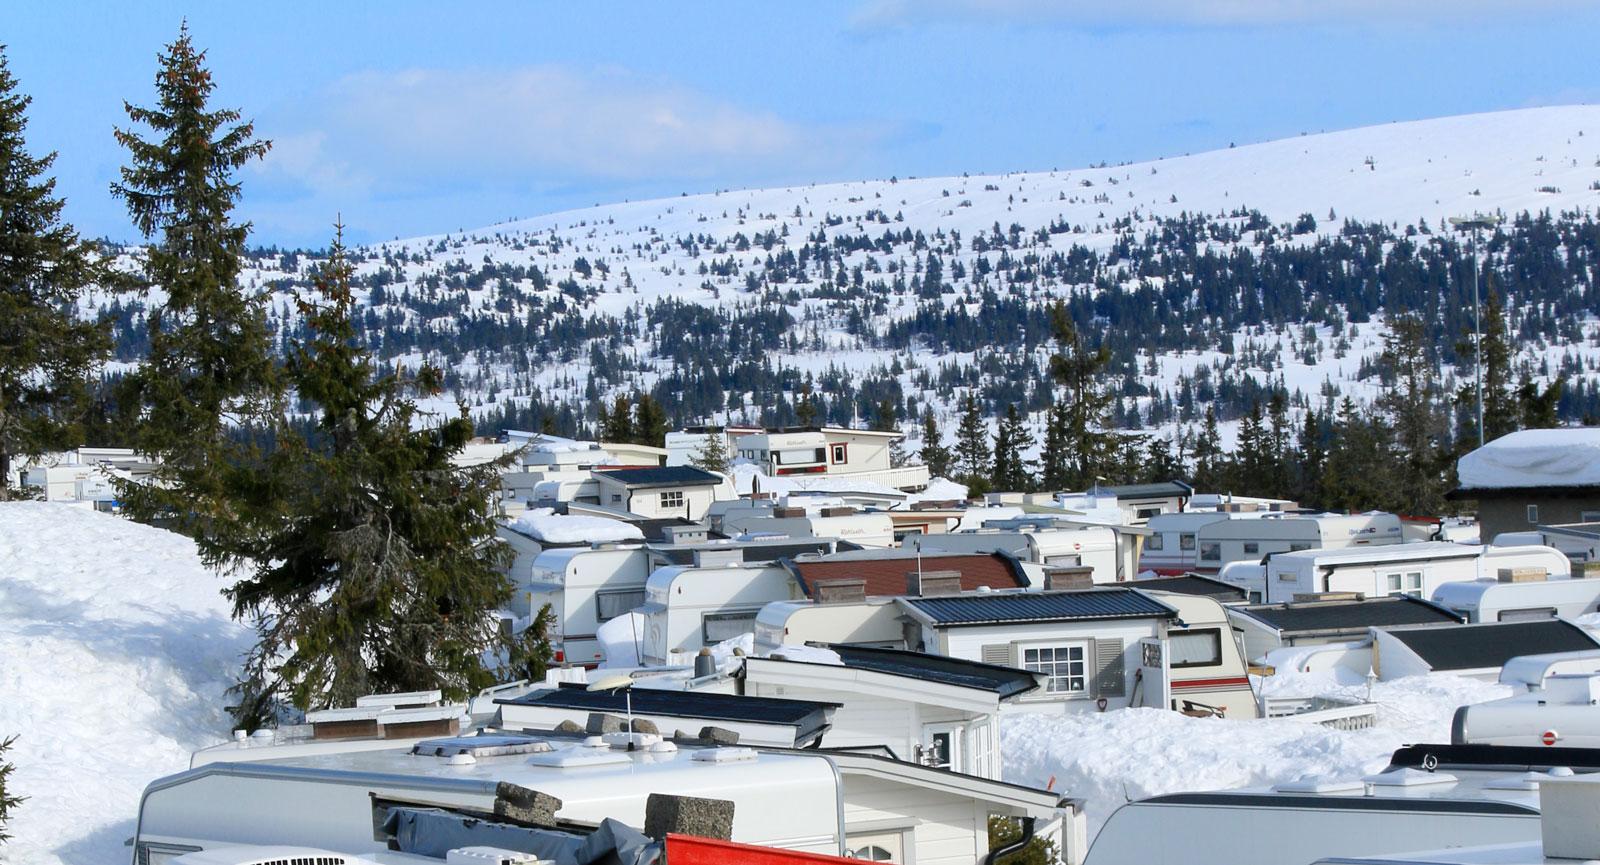 Närhet. Sjusjøtunets camping ligger nära spårcentralen och här är det tätt mellan den norska företeelsen spiketält. Förtält i form av små stugor.